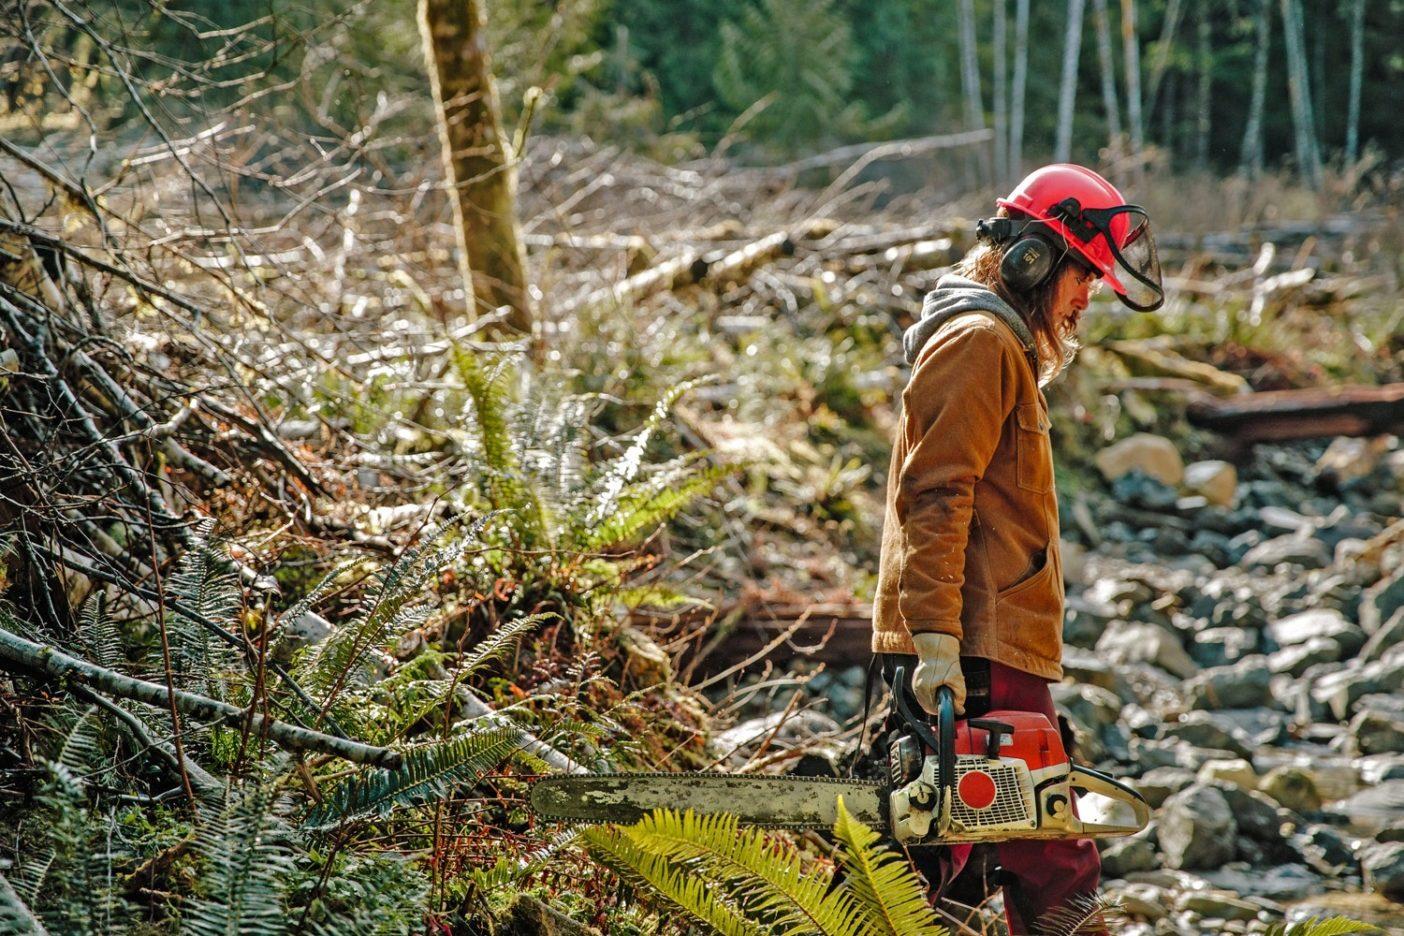 バンクーバー島のバックカントリーで仕事をするジェシカ・ハッチンソン。この島の水域の大部分は皆伐が招いた大きなダメージを抱えている。ハッチンソンとスタッフは修復のプロセスを早めることのできるプロジェクトを企画する。Photo: Jeremy Koreski